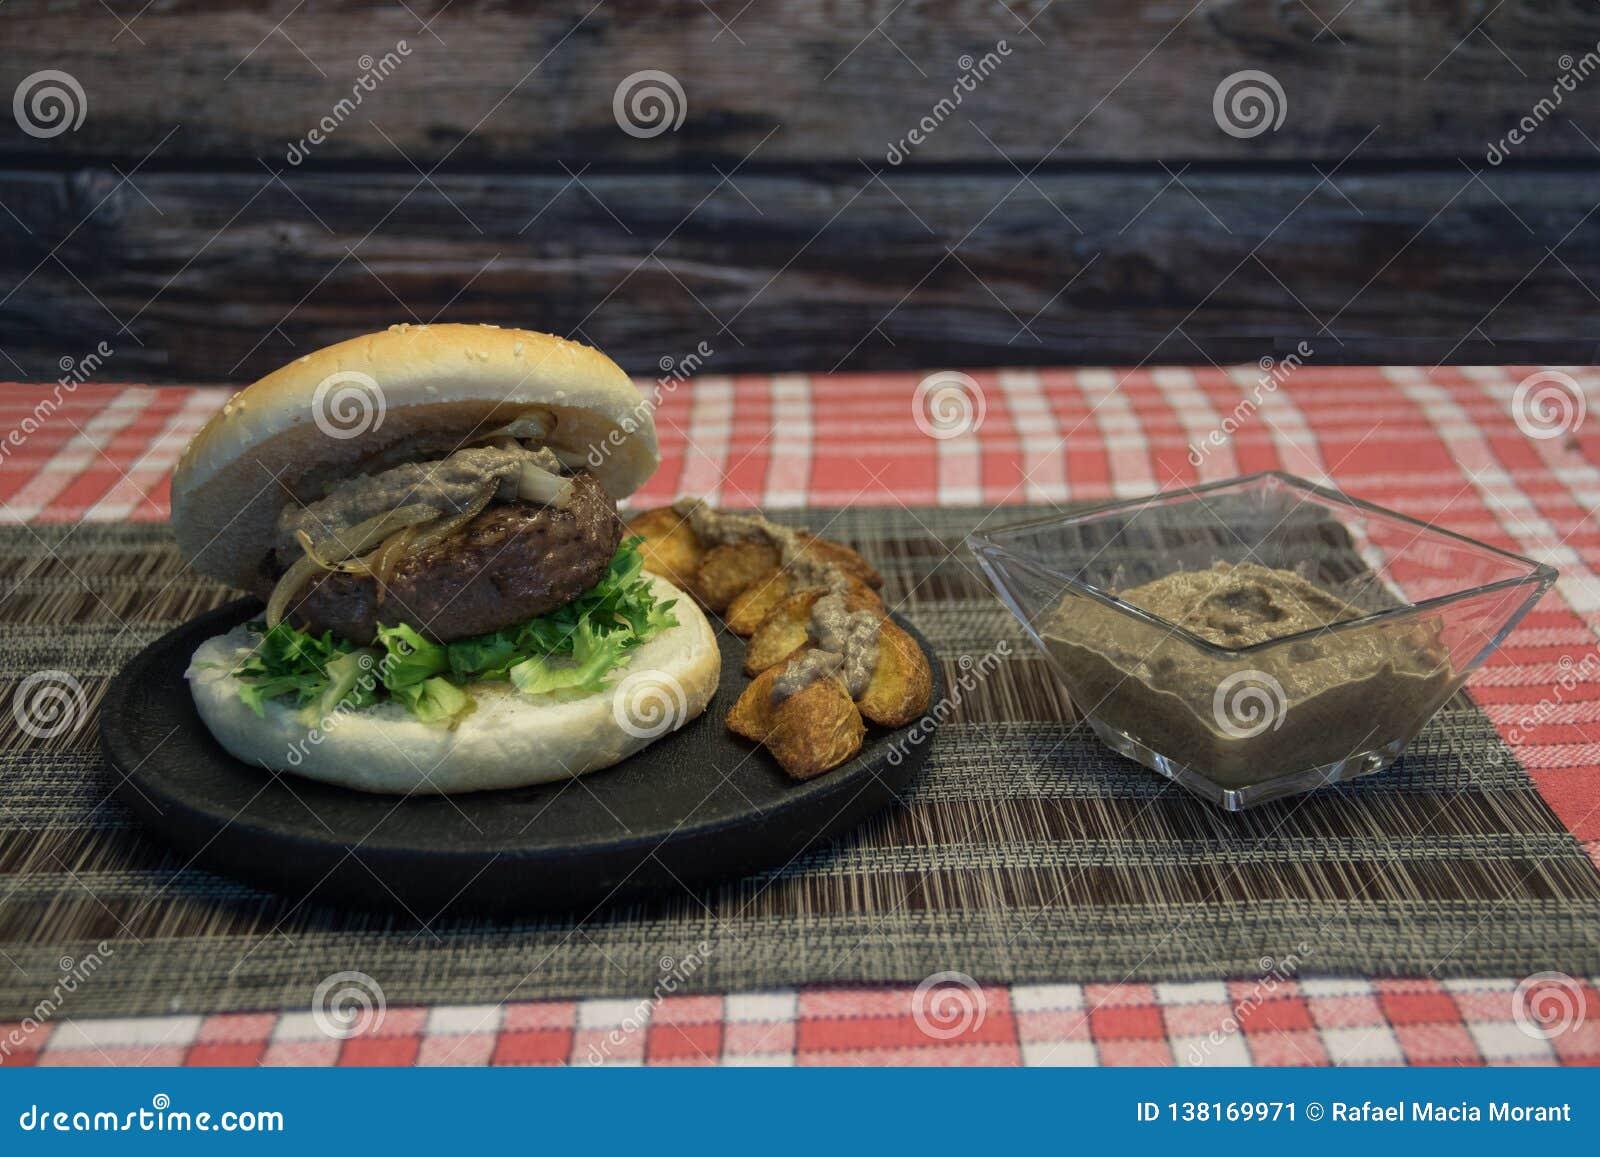 汉堡包用蘑菇酱油